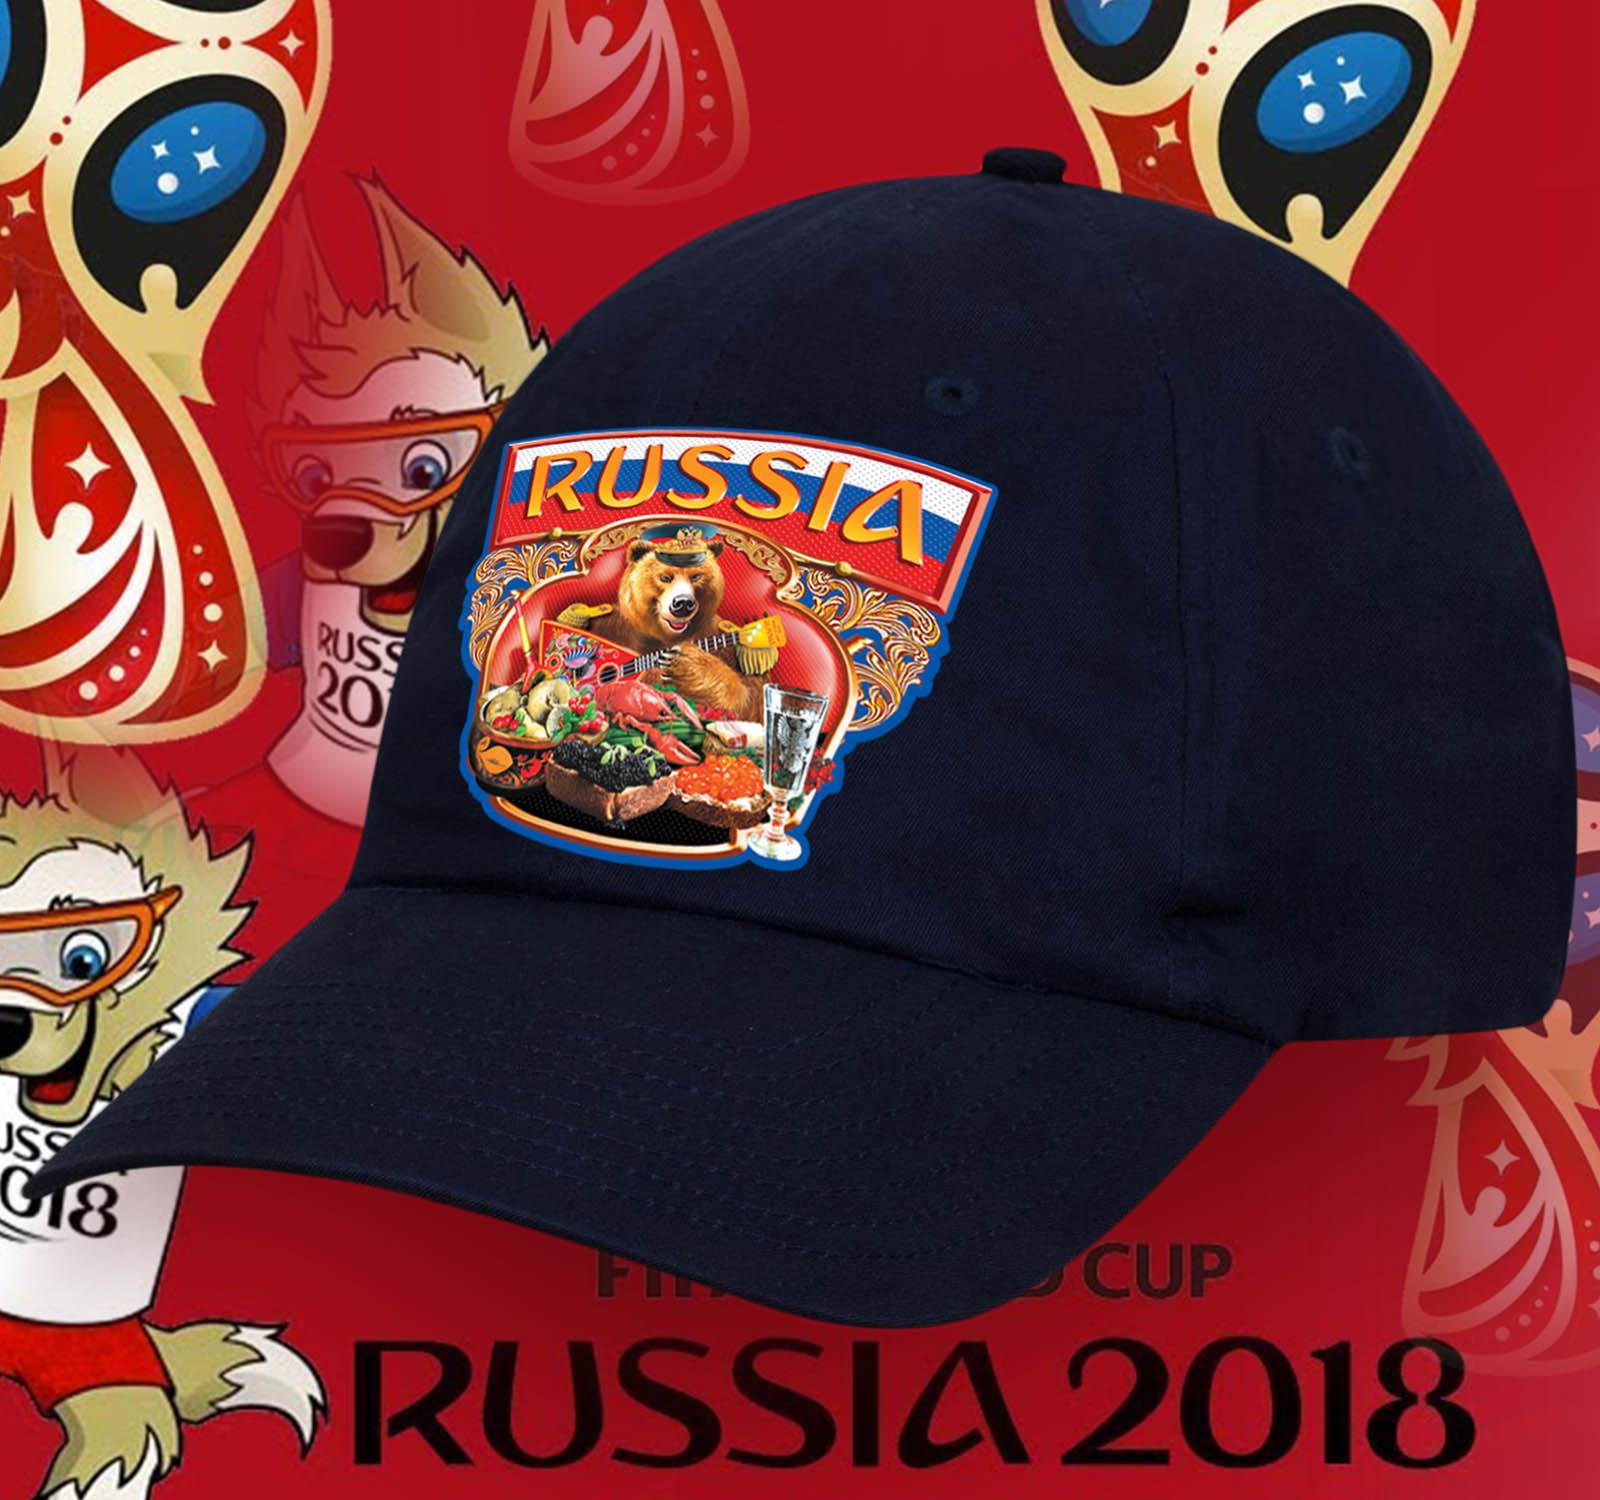 Модная патриотическая бейсболка с качественным принтом Russia «Русский гостеприимный Медведь» - символ силы и мужества от Военпро по выгодной цене. Успейте купить!